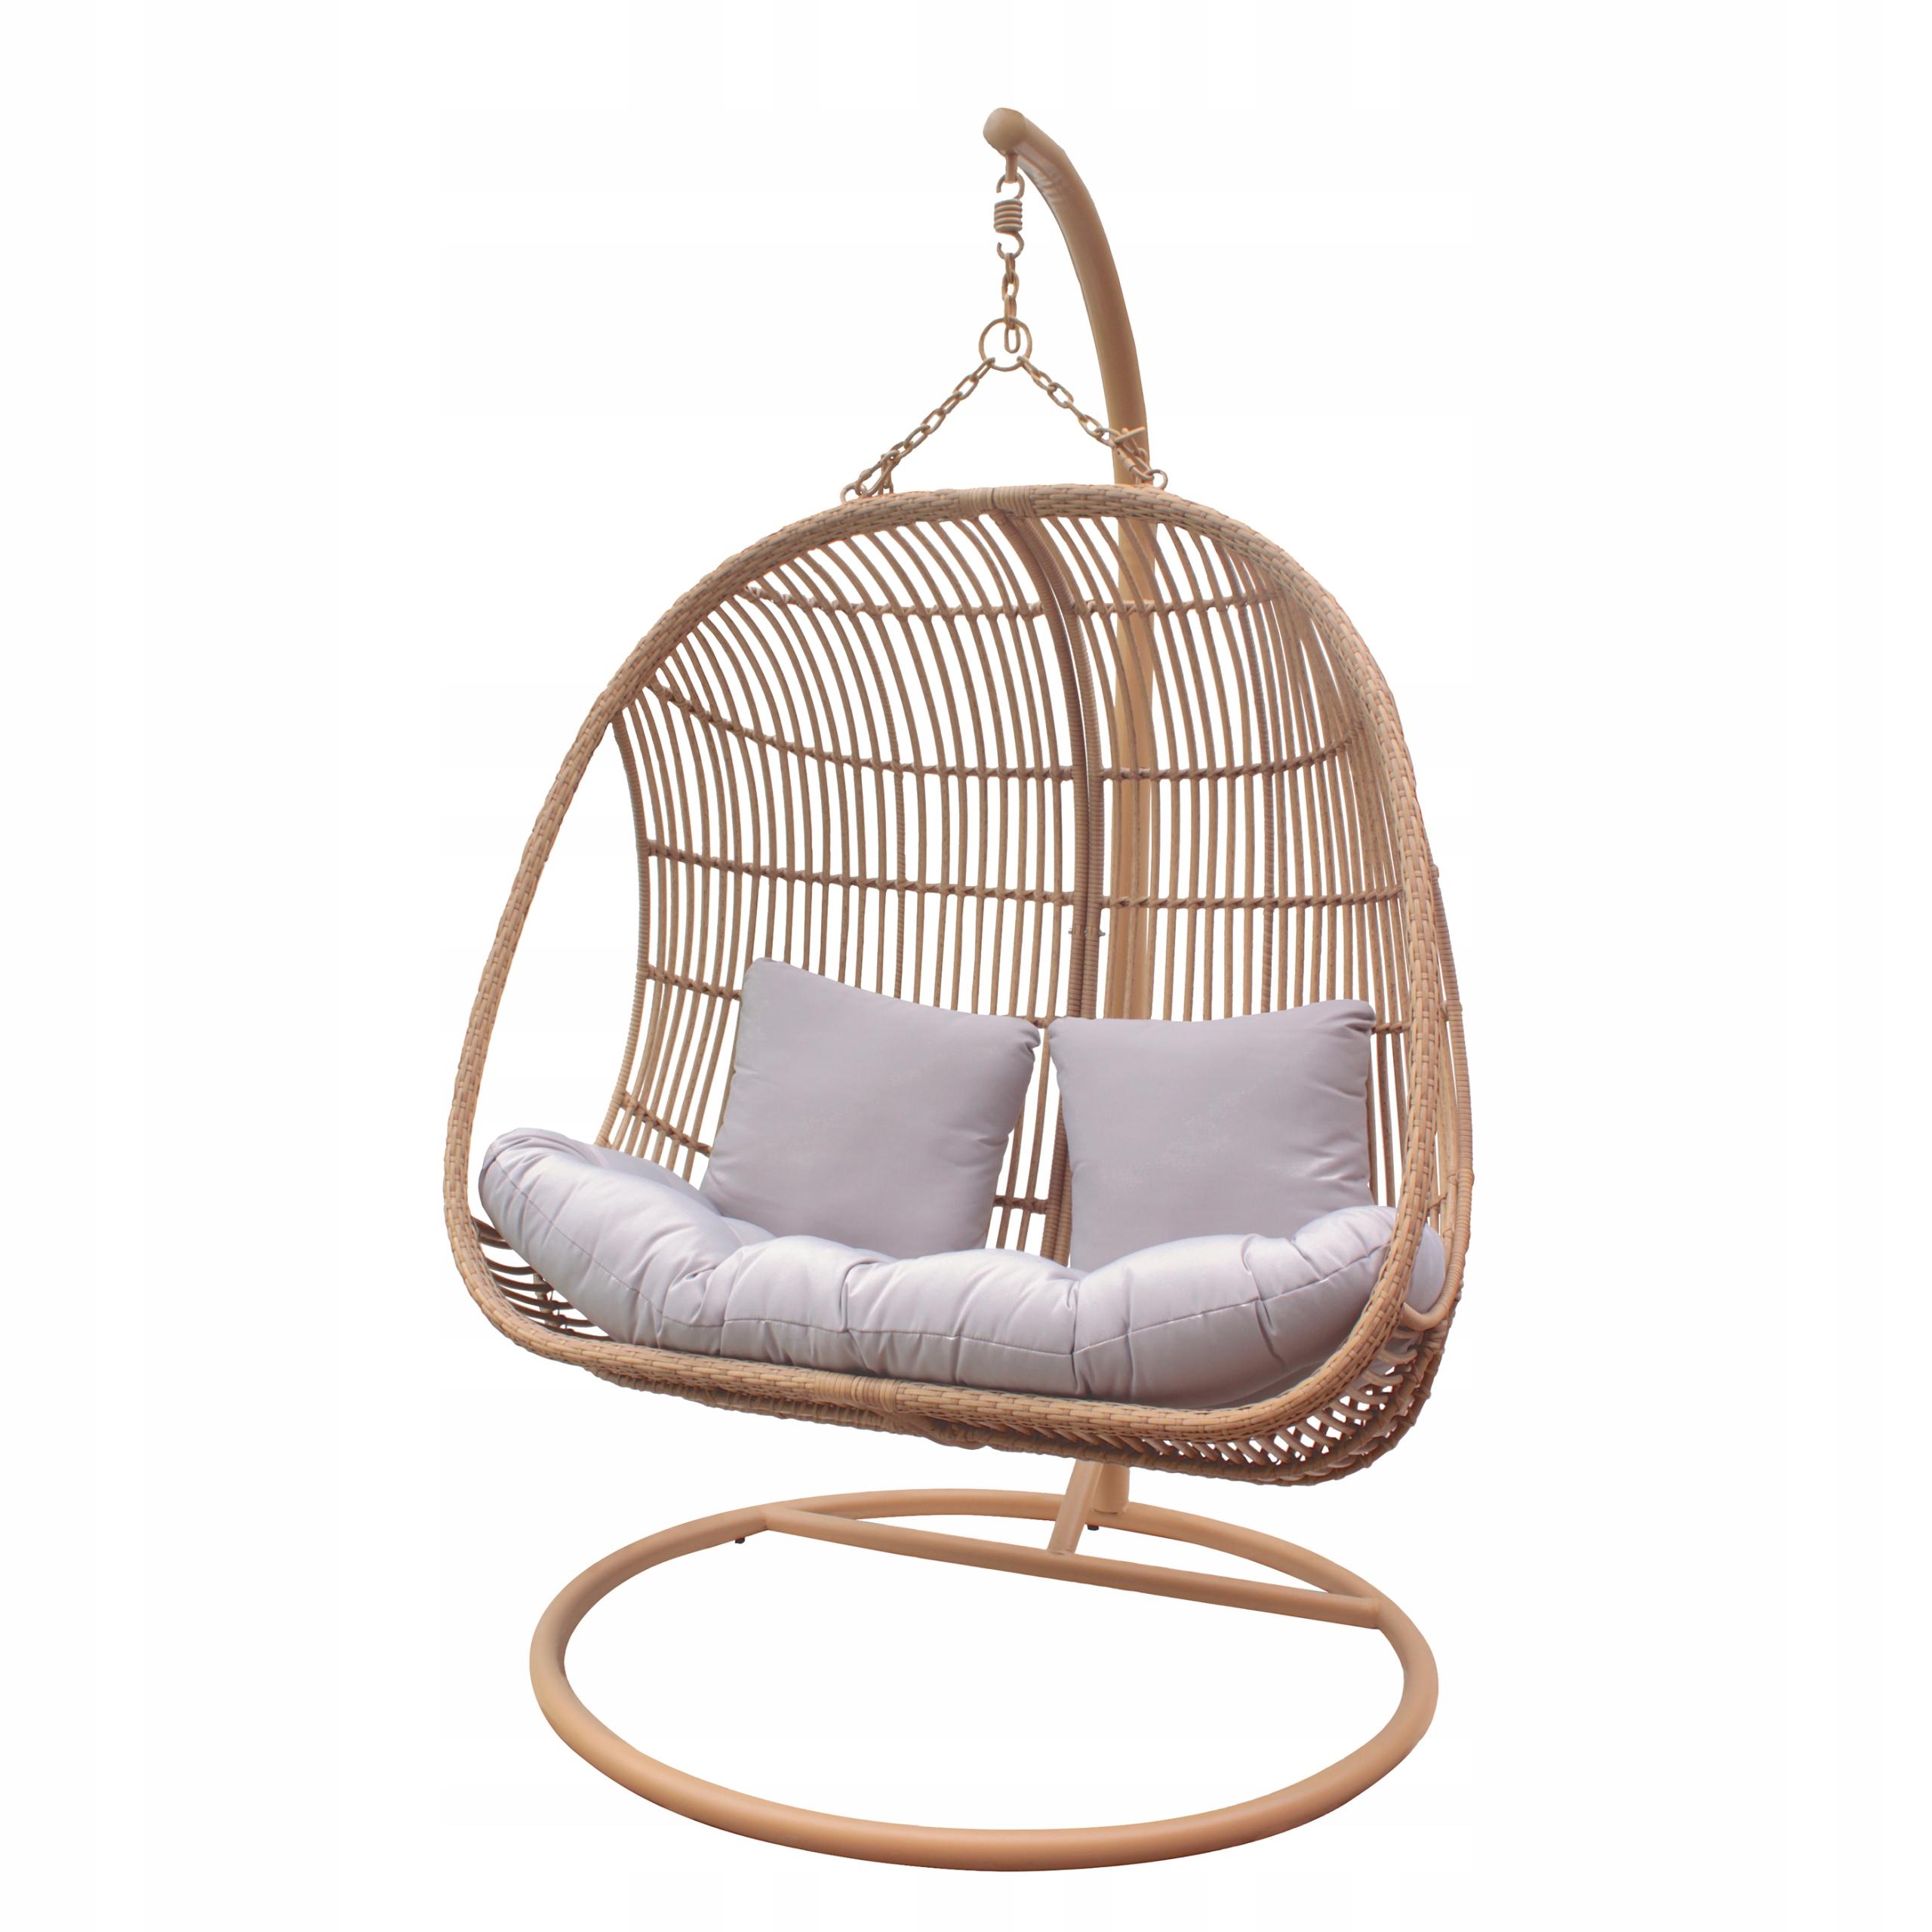 Závesná záhradná stolička XXL hojdací kokonový kôš Typ samostatne stojacej závesnej stoličky